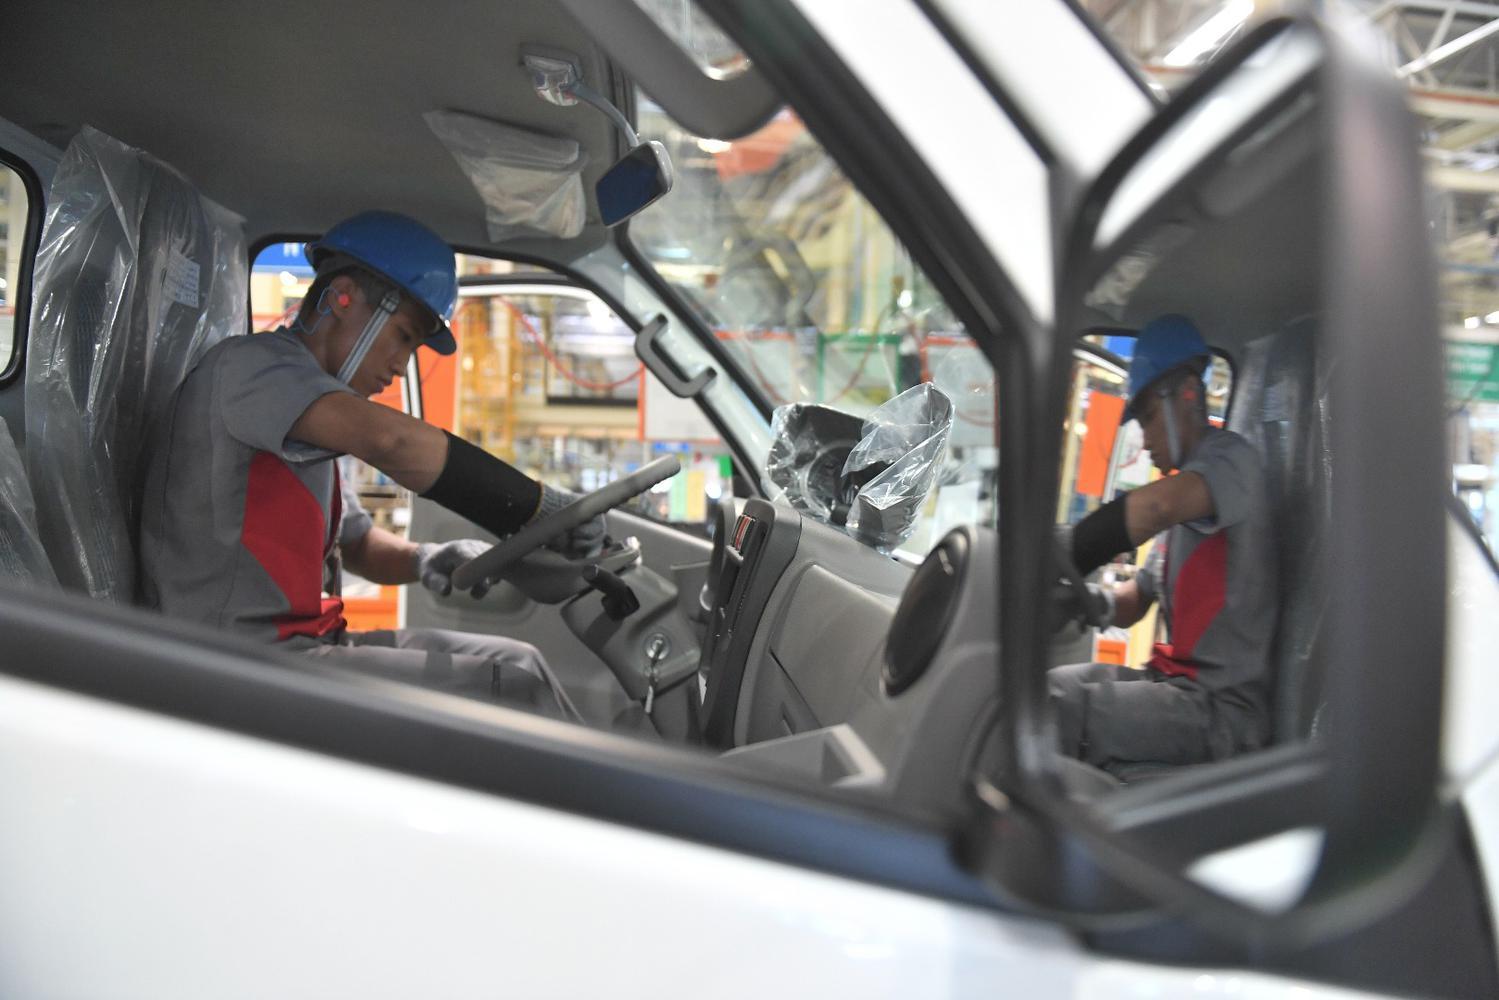 Pekerja melakukan proses perakitan Isuzu Traga sebelum diekspor di Karawang Timur, Jawa Barat, Kamis (12/12/2019). Isuzu Traga akan diekspor perdana ke Filipina sebanyak 6.000 unit hingga akhir tahun 2020.